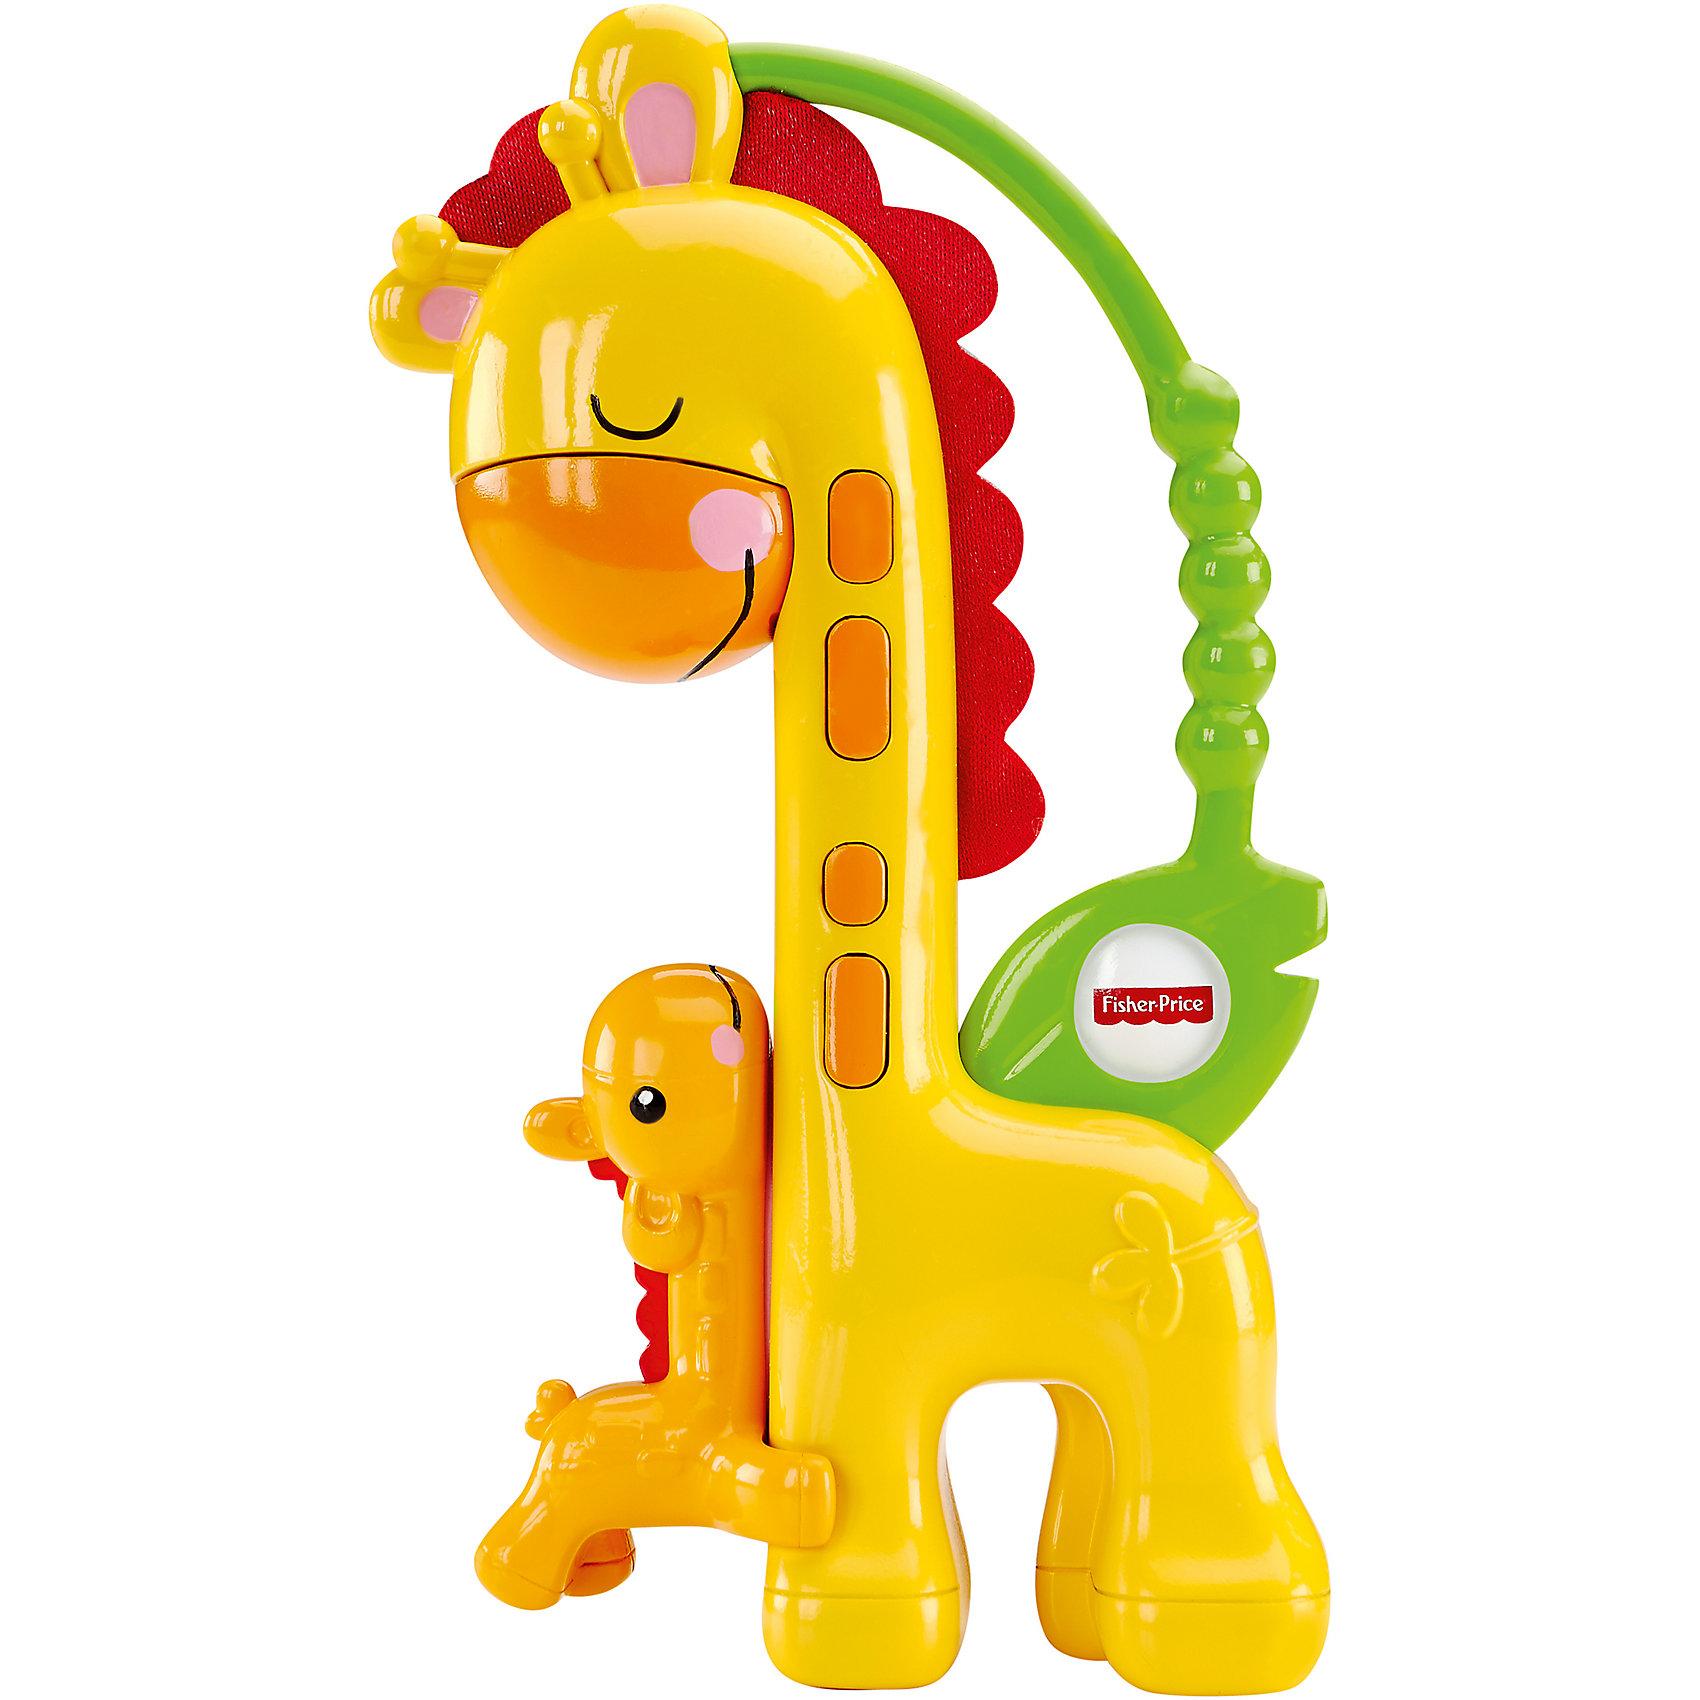 Прорезыватель Жираф, Fisher PriceЯркий и симпатичный прорезыватель  привлечет внимание Вашего малыша и поможет снять зуд при прорезывании молочных зубок. Игрушка выполнена в виде двух симпатичных жирафиков – мамы и её малыша и оснащена удобной ручкой, за которую удобно хвататься маленьким детским пальчикам. Если перевернуть игрушку вверх ногами, маленький жирафик заскользит вверх по шее большого жирафа, чтобы его «поцеловать».<br>Игрушка выполнена из безопасных, экологически чистых материалов, облегчающих неприятные ощущения в деснах малыша при прорезывании зубов. Произведена торговой маркой Mattel под известным брендом Fisher Price (Фишер Прайс), специализирующимся на разработке игрушек для самых маленьких.<br><br>Дополнительная информация:<br><br>- возраст – 0-12 месяцев <br>- пол: для мальчиков, для девочек<br>- бренд: Fisher-Price (Mattel)<br>- размер упаковки: 0.170 * 0.040* 0.140 см<br>- вес: 0.080 кг<br><br>Прорезыватель Жираф, торговой марки Fisher Price (Фишер Прайс) можно купить в нашем интернет-магазине.<br><br>Ширина мм: 40<br>Глубина мм: 140<br>Высота мм: 170<br>Вес г: 91<br>Возраст от месяцев: 3<br>Возраст до месяцев: 24<br>Пол: Унисекс<br>Возраст: Детский<br>SKU: 5047625